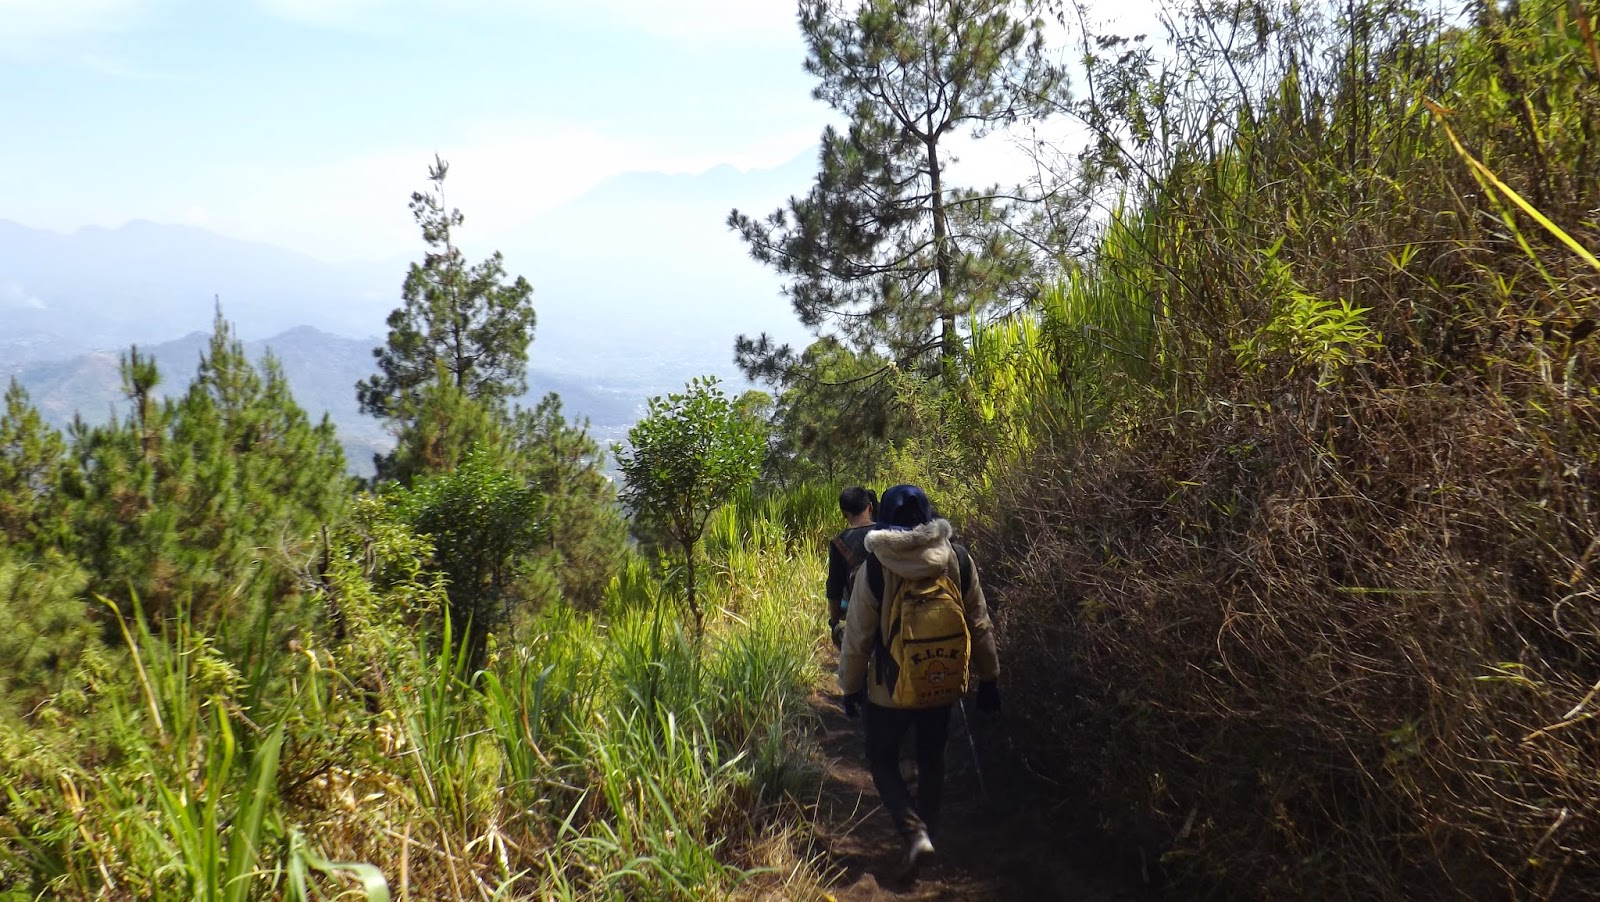 Langkah Kecil Bukit Panderman